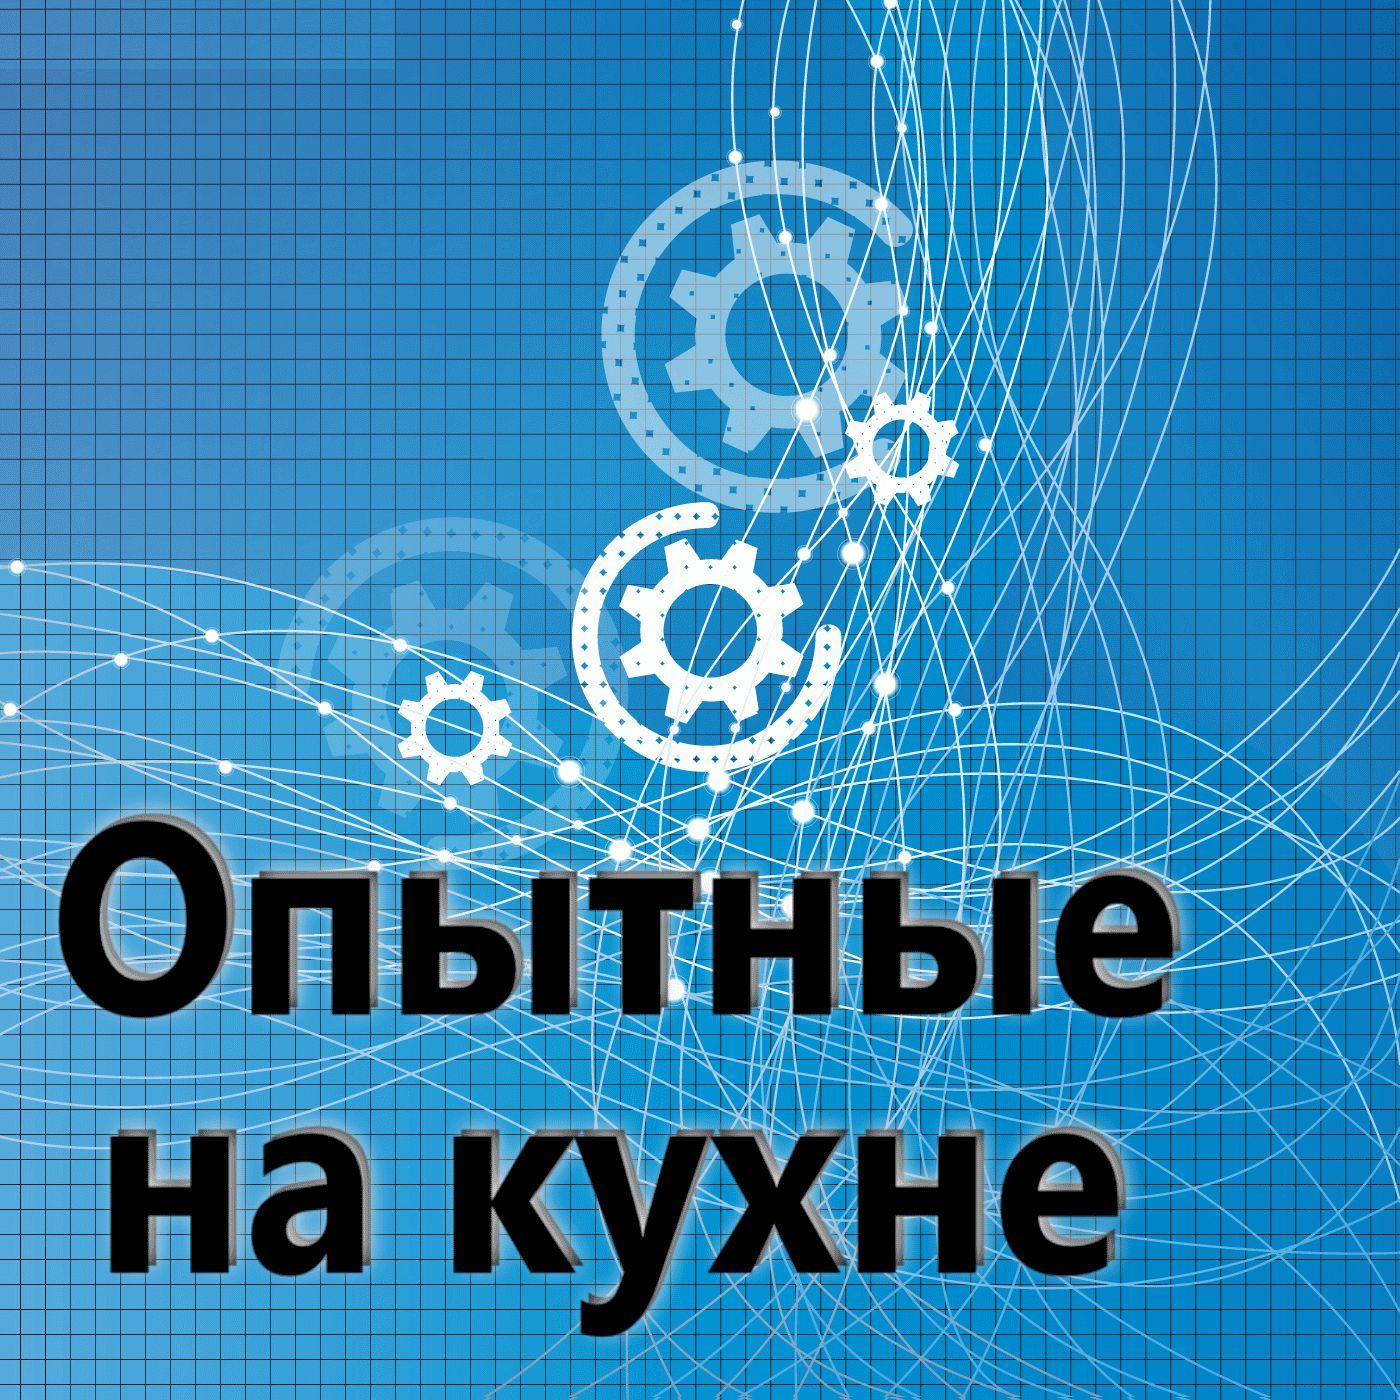 Евгений Плешивцев Опытные на кухне №005 евгений клец время тьмы источник скверны